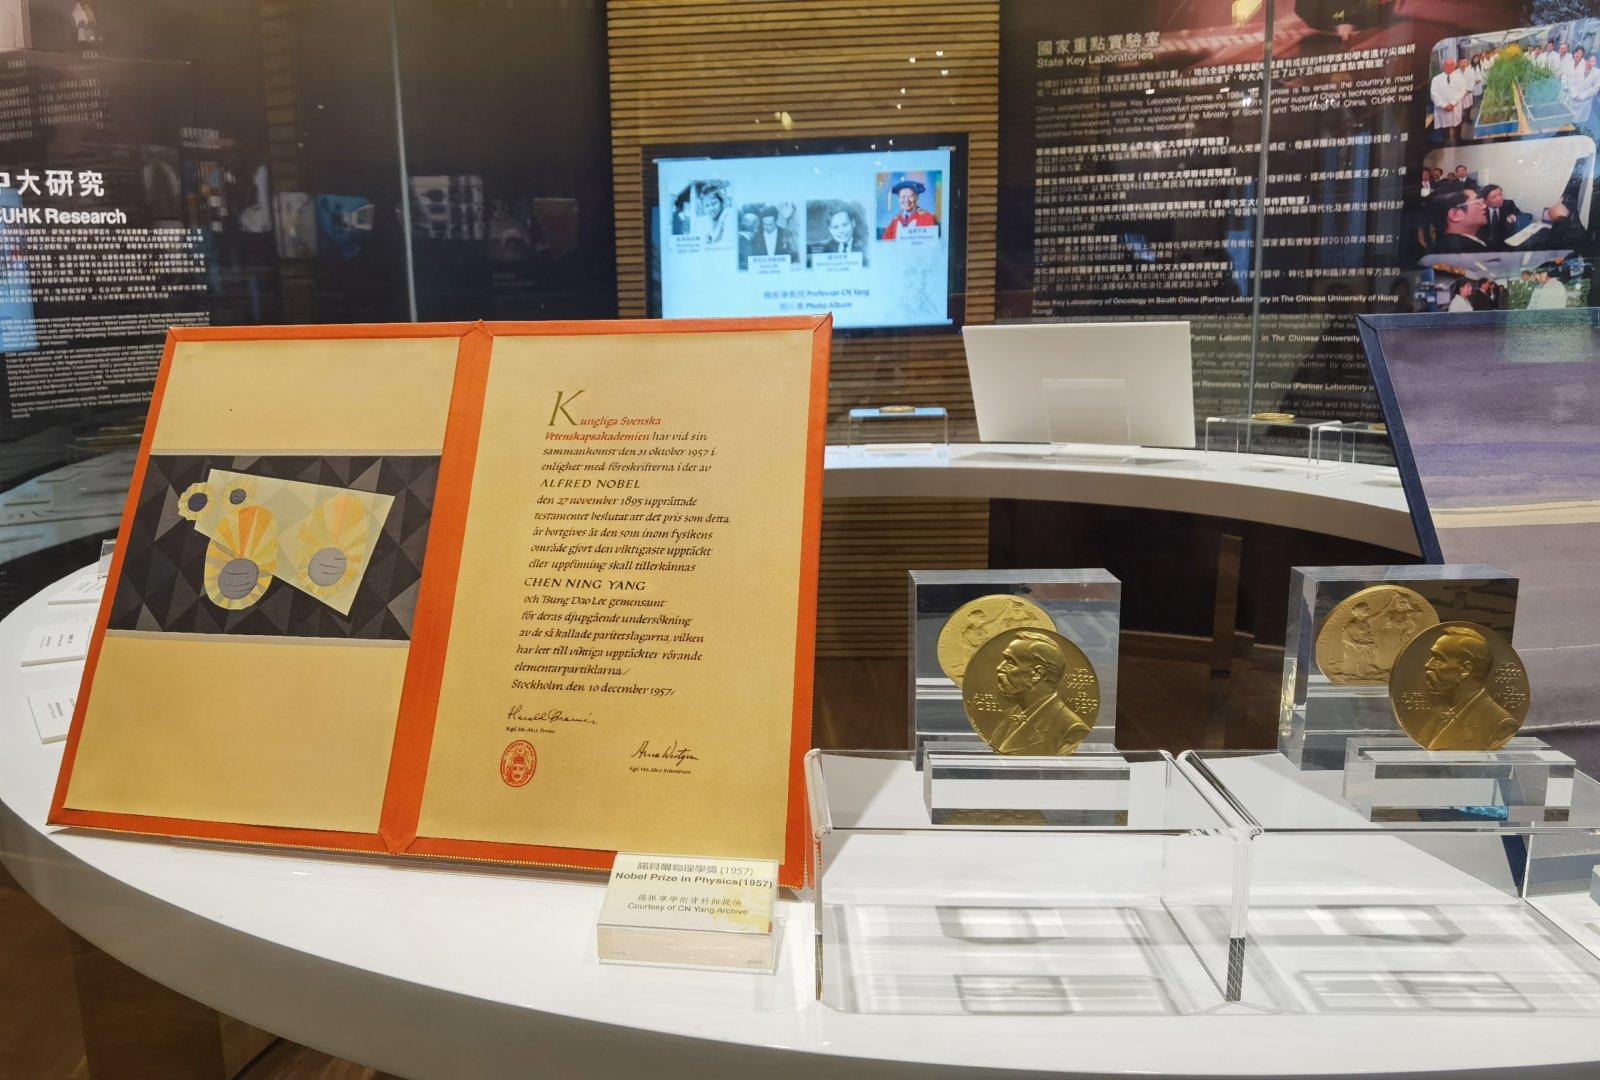 中大展出楊振寧獲獎獎章等珍貴物品。(大公文匯全媒體記者 李九歌 攝)